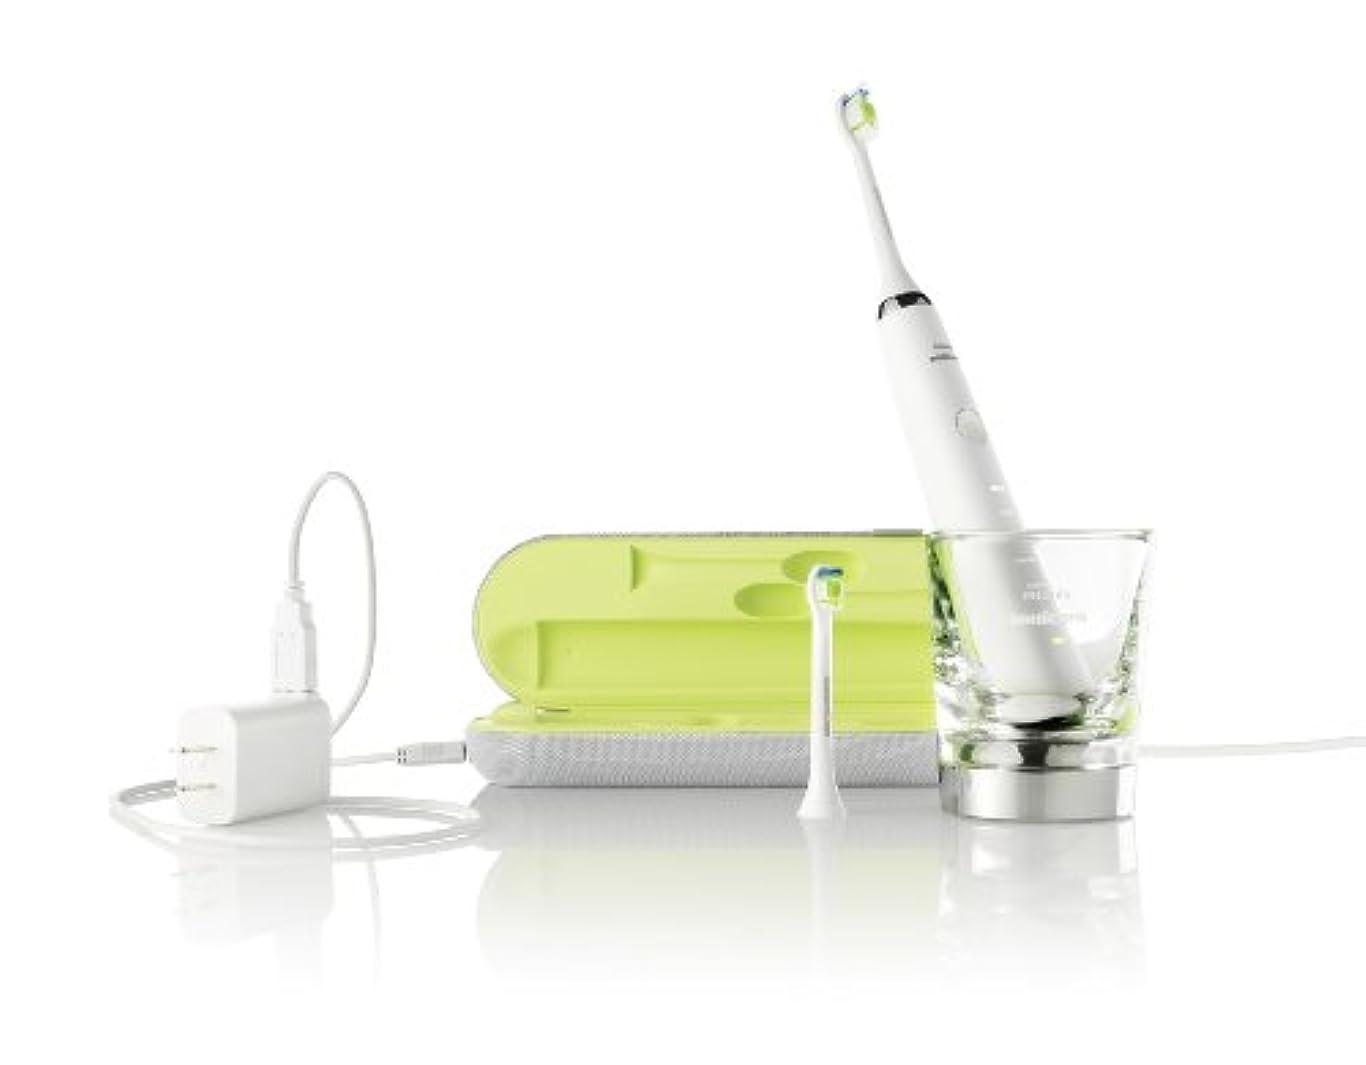 持っている性別アシュリータファーマンフィリップス 電動歯ブラシ ソニッケアー ダイヤモンドクリーン HX9333/04